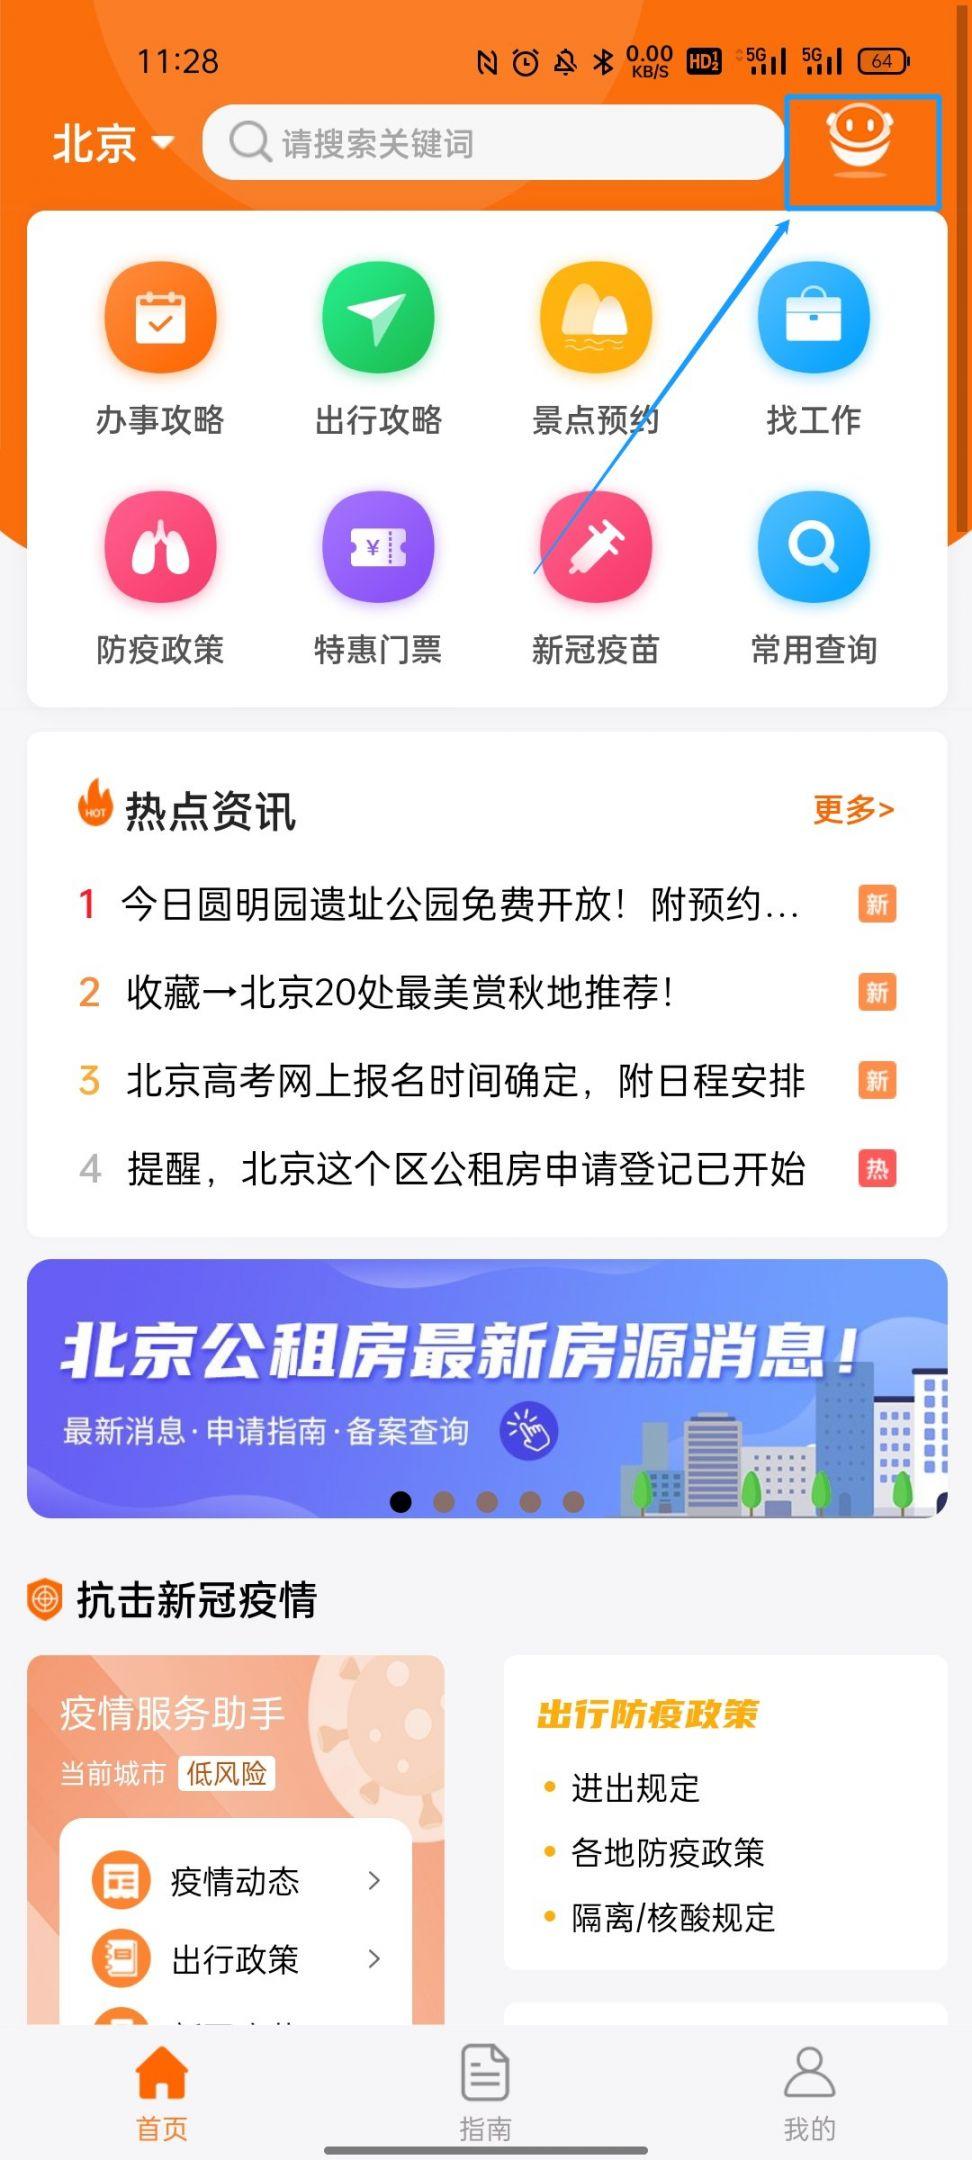 北京市公租房业务手册咨询办法